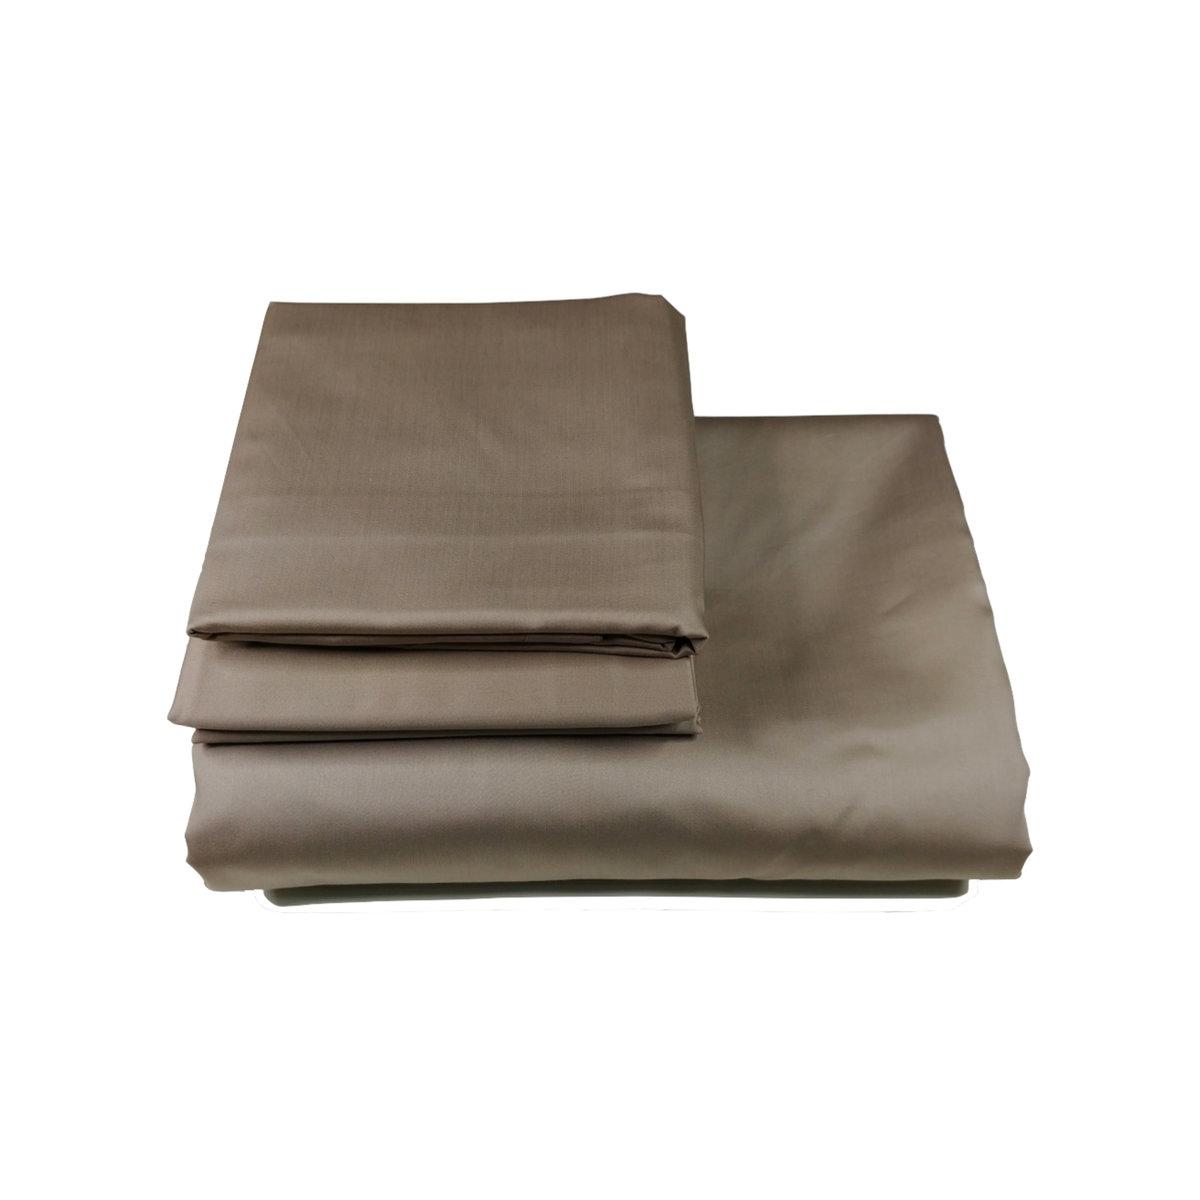 雙人【灰褐】三件裝:枕頭套+被袋 名酒店專用 瑞士認證 高針數100% 頂級埃及棉